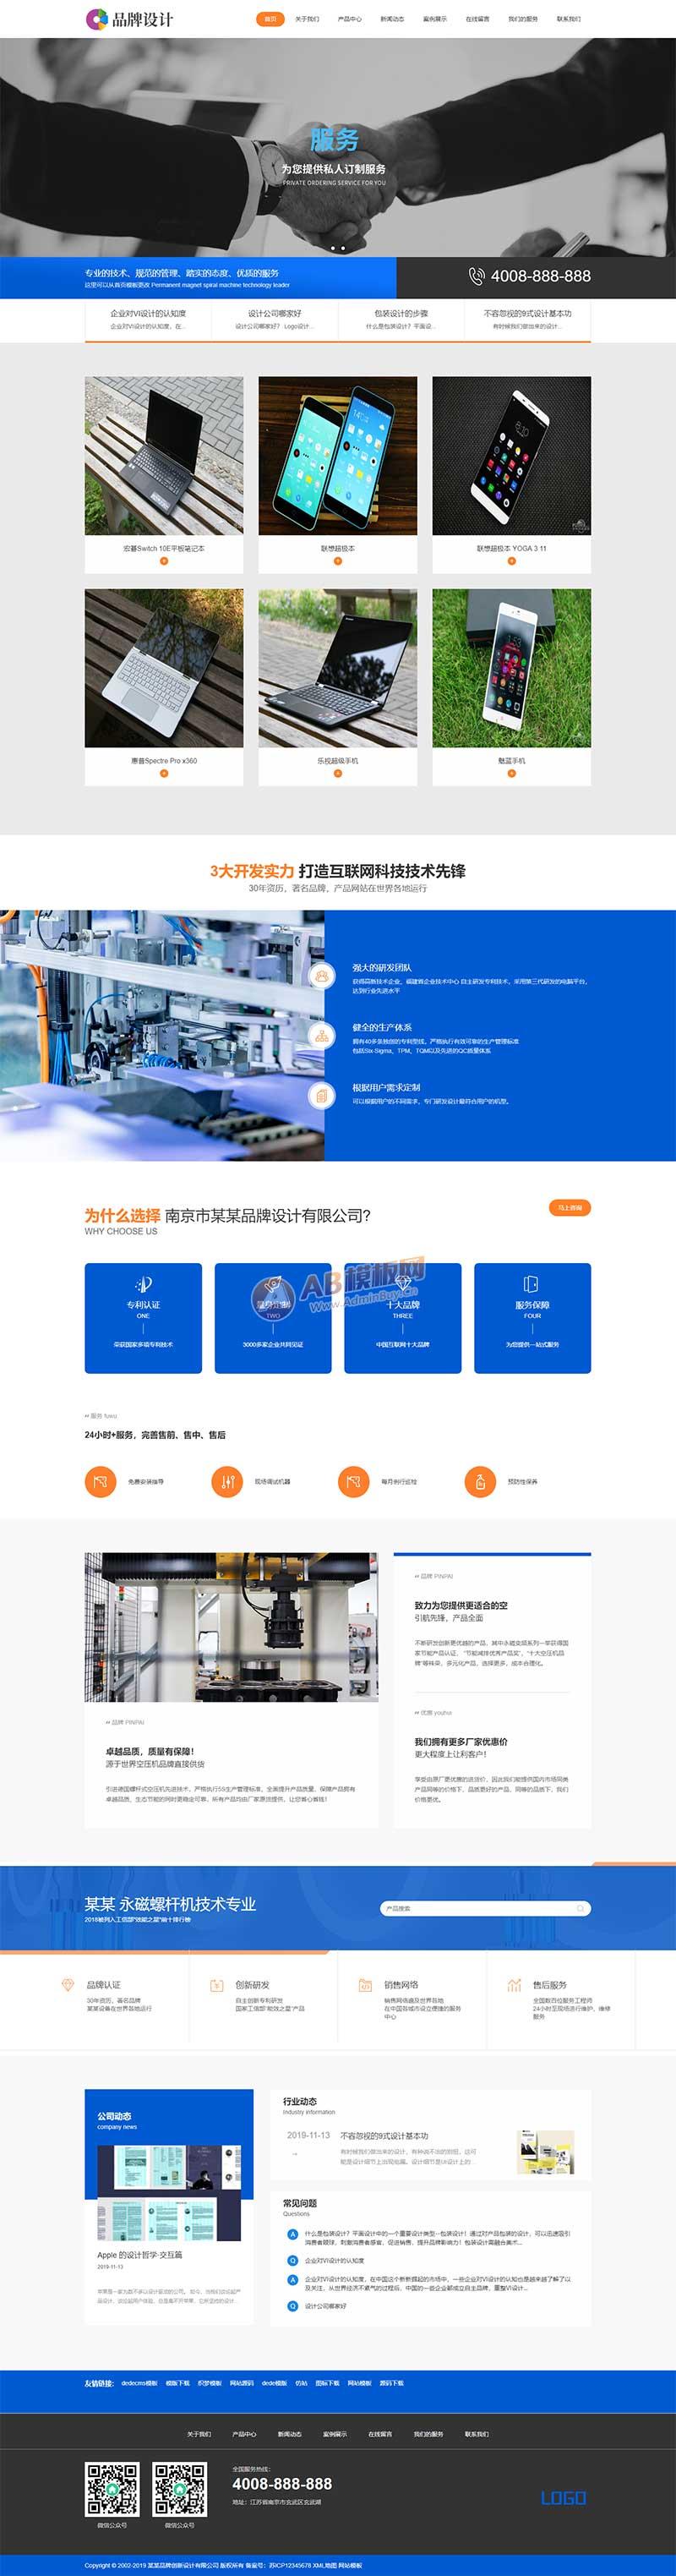 (自适应手机版)响应式品牌创新设计类网站织梦爱博体育线路 HTML5设计创新网站源码下载